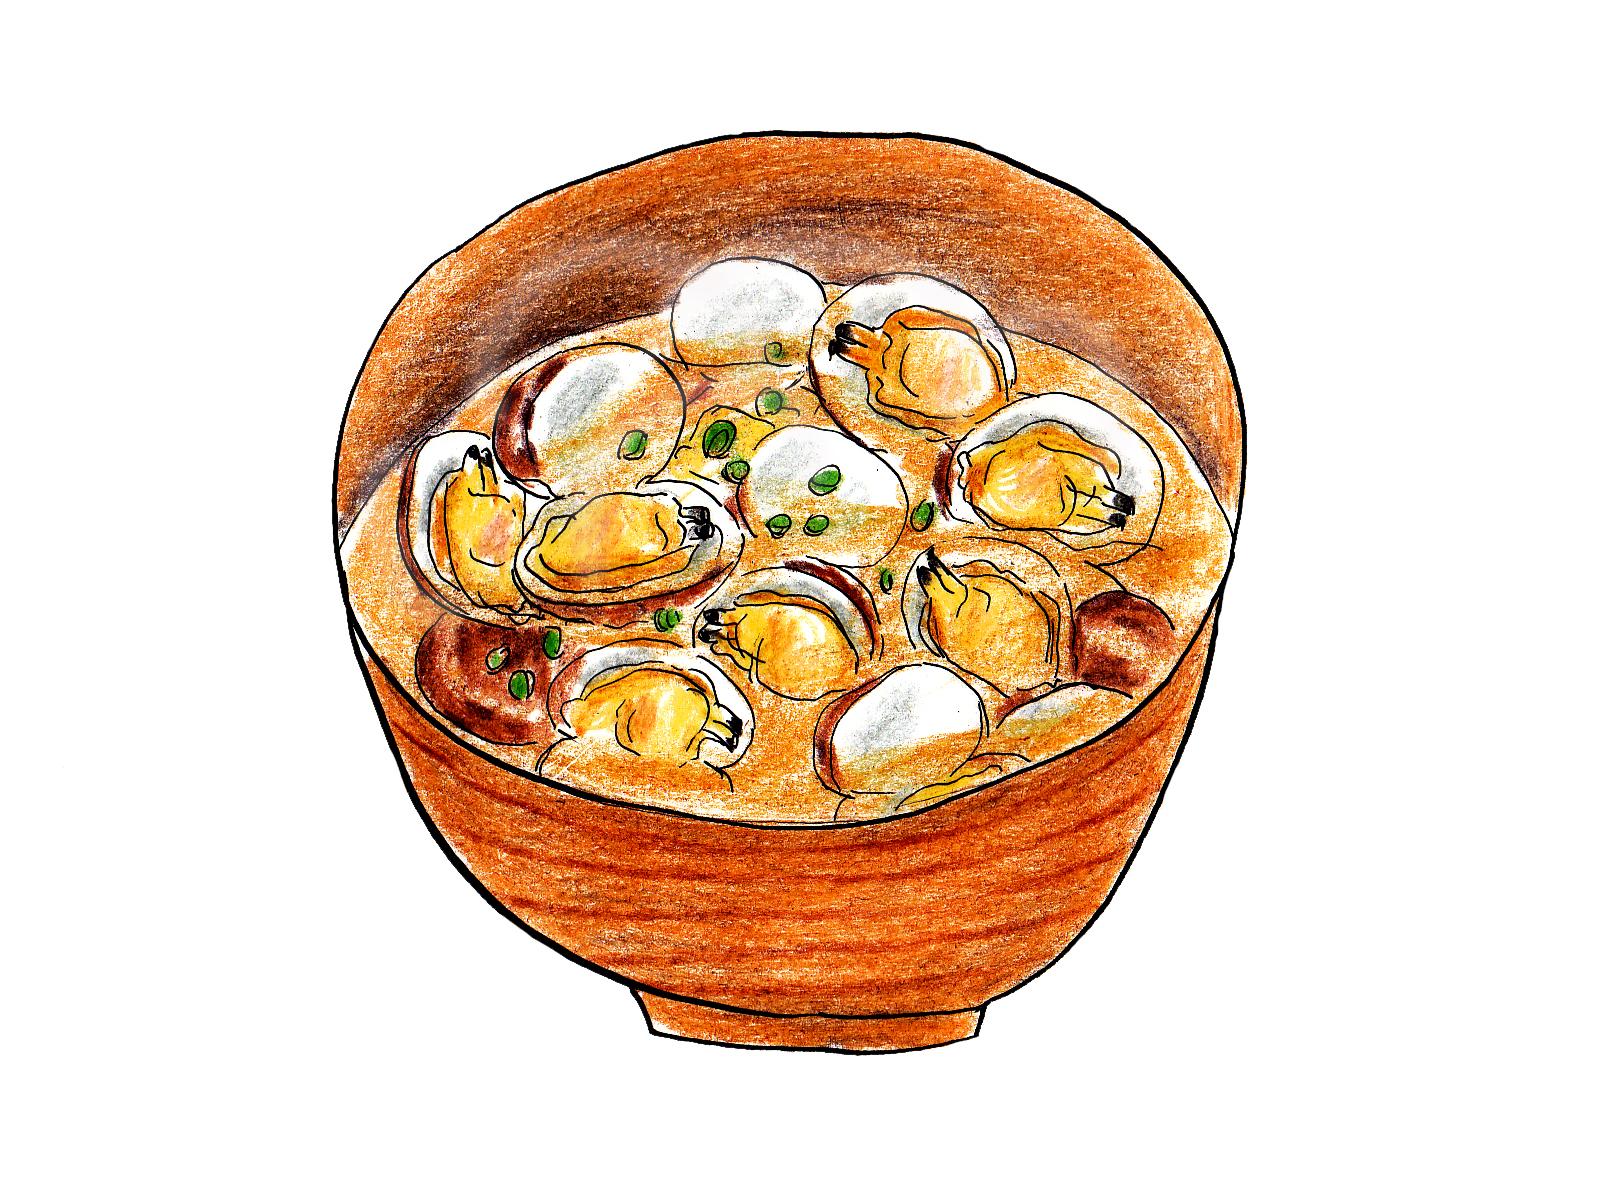 アサリの味噌汁イラスト